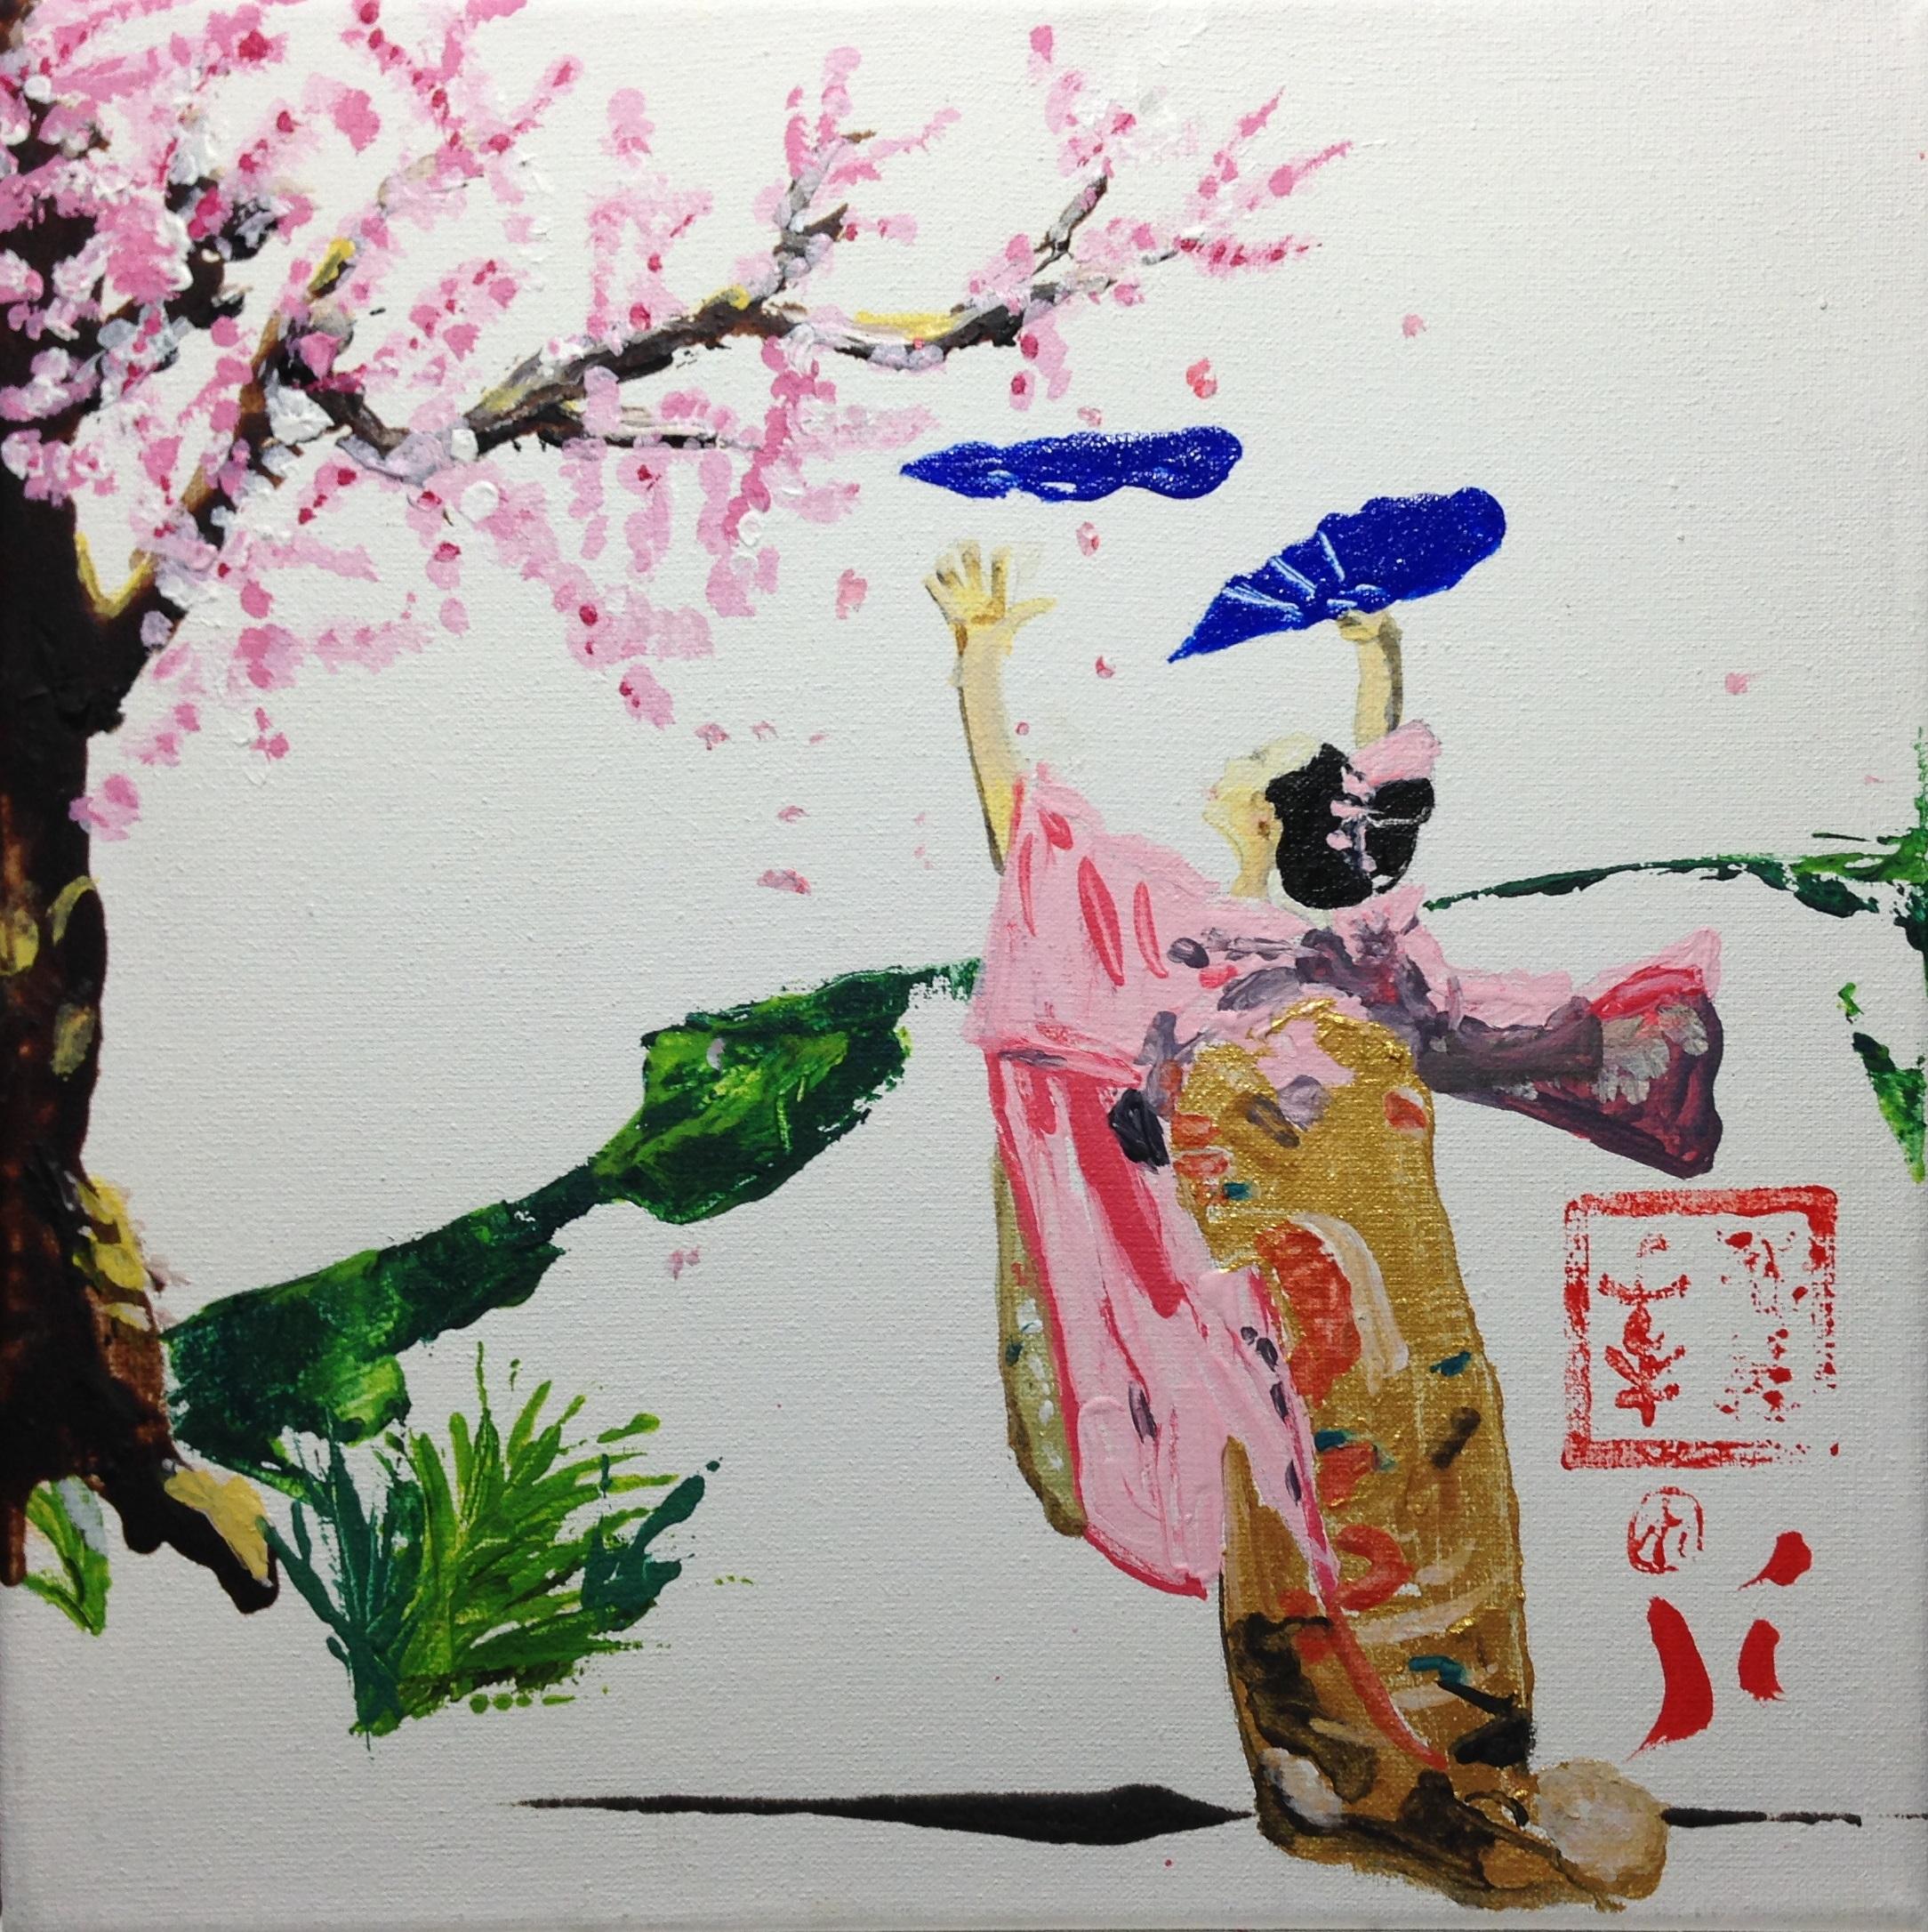 Danse à l'éventail sous un cerisier